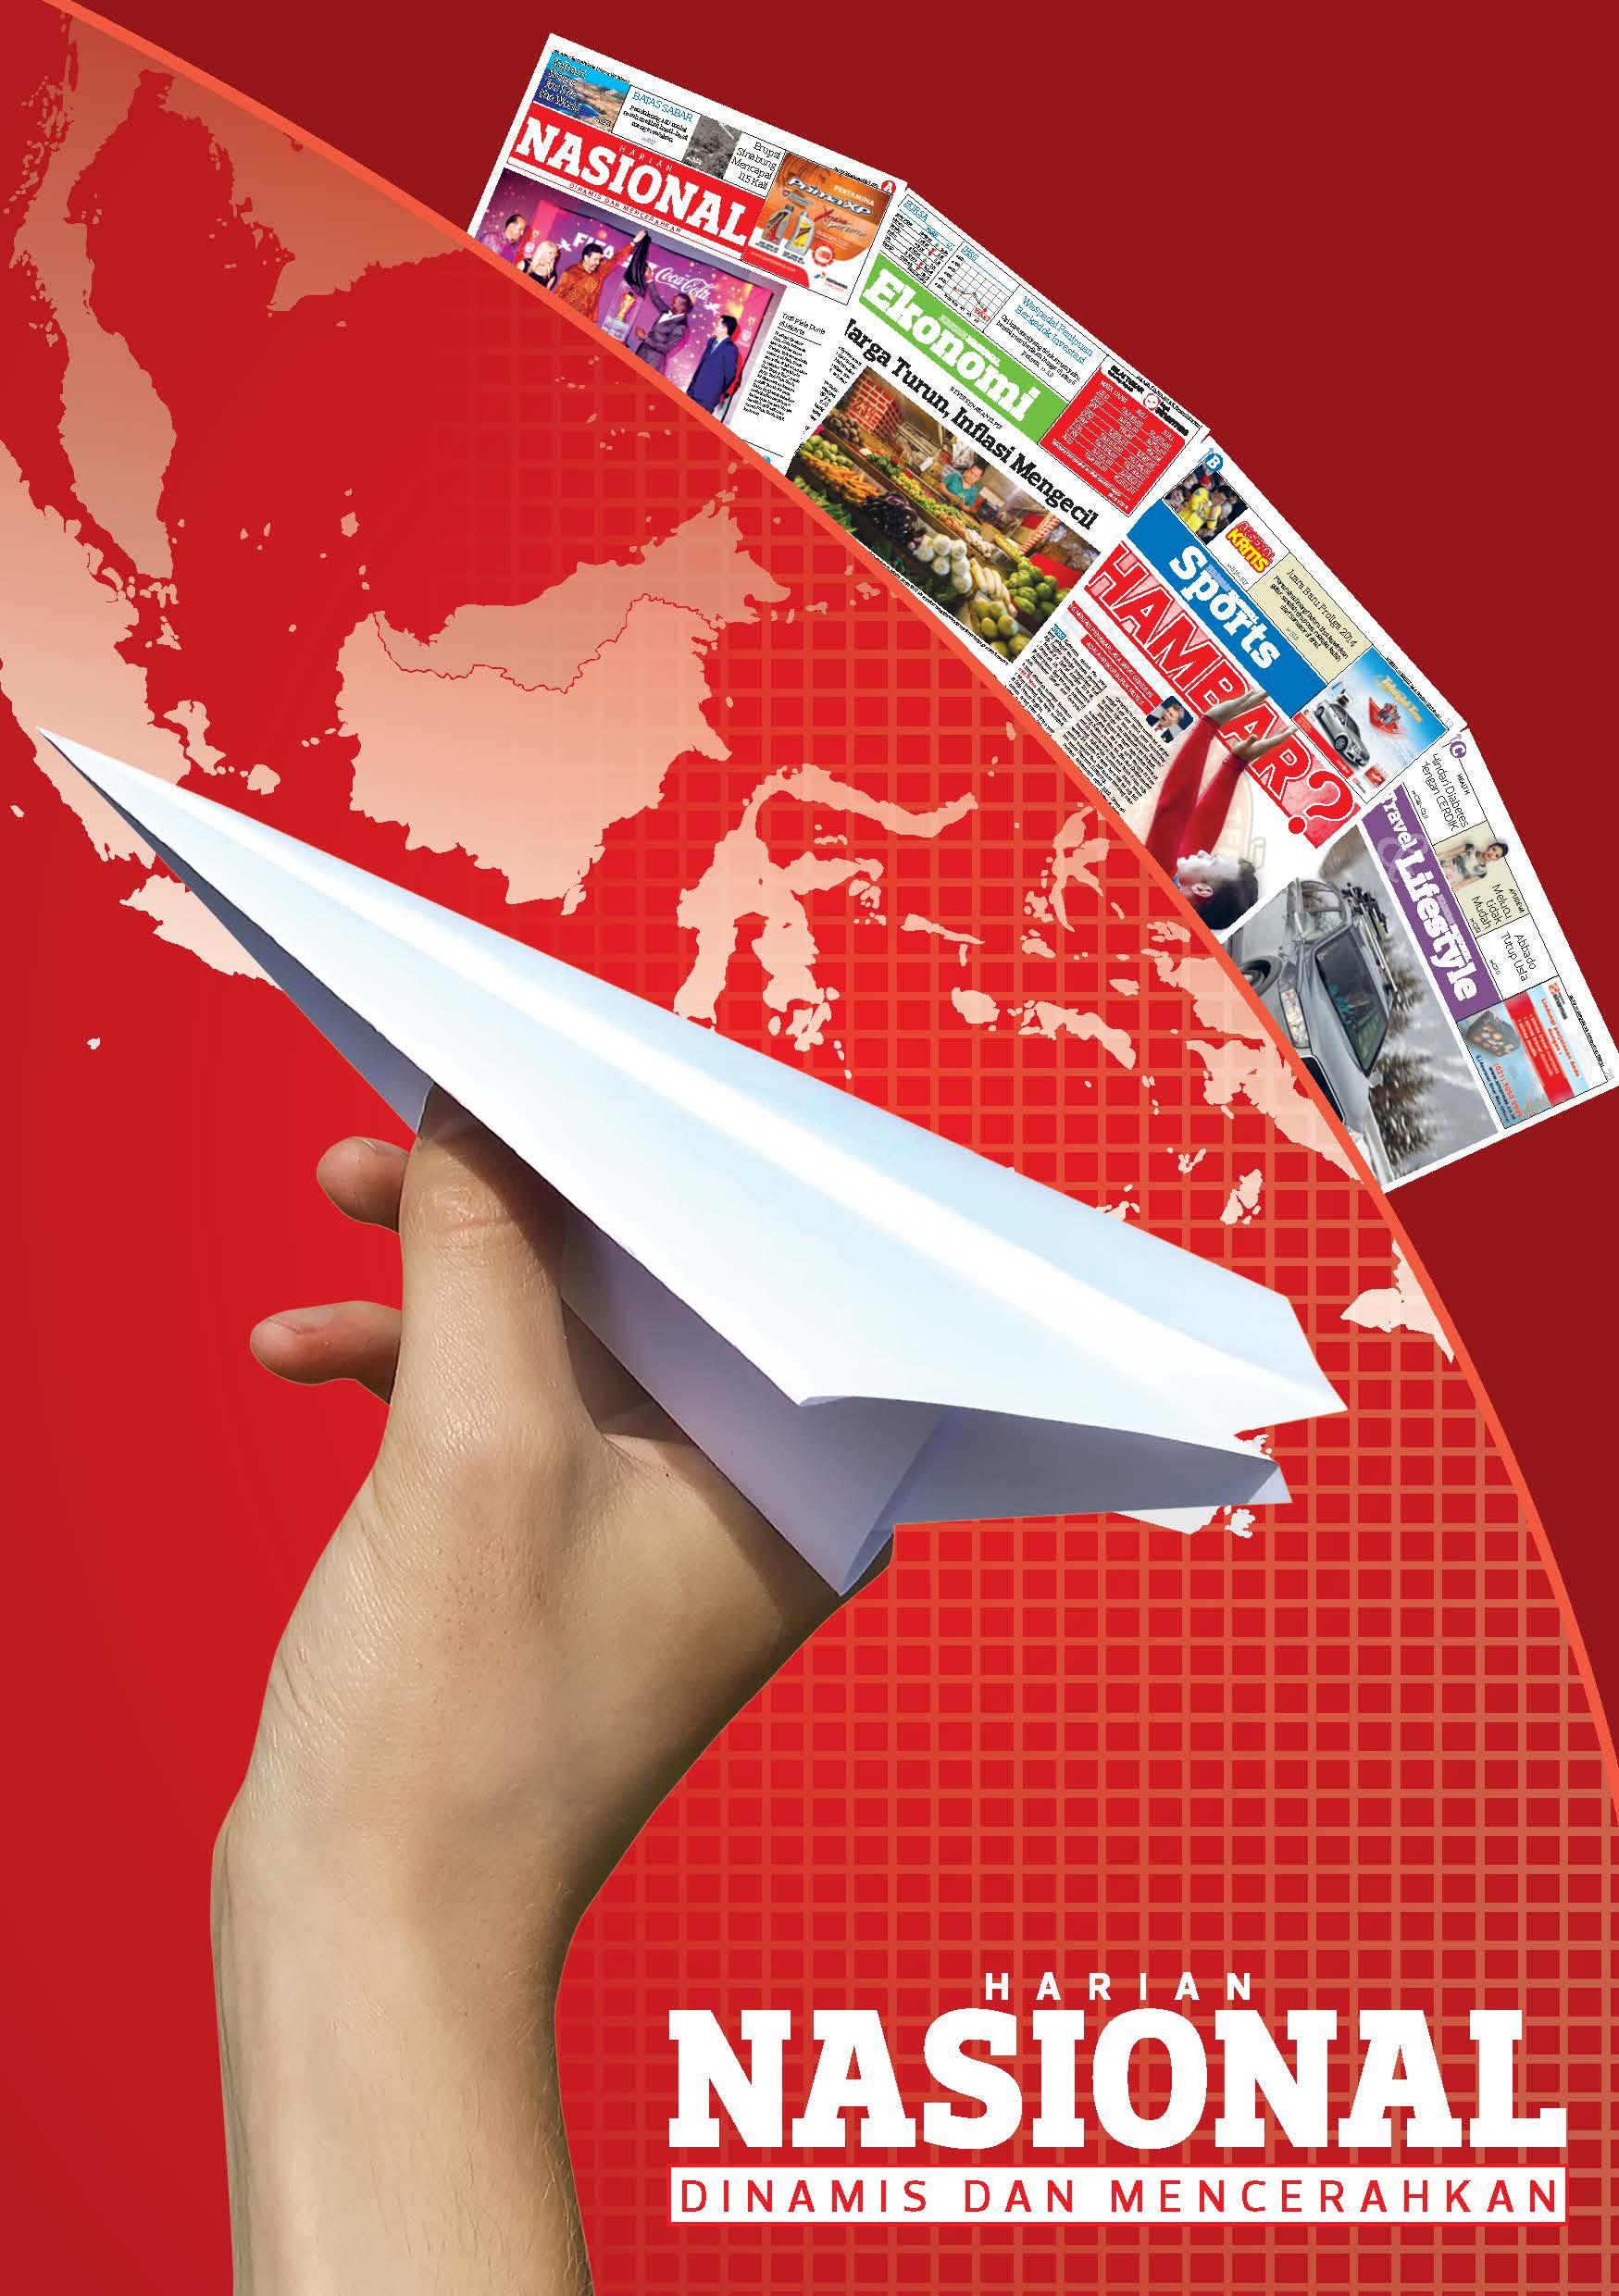 Koran Harian Nasional (HarNas)